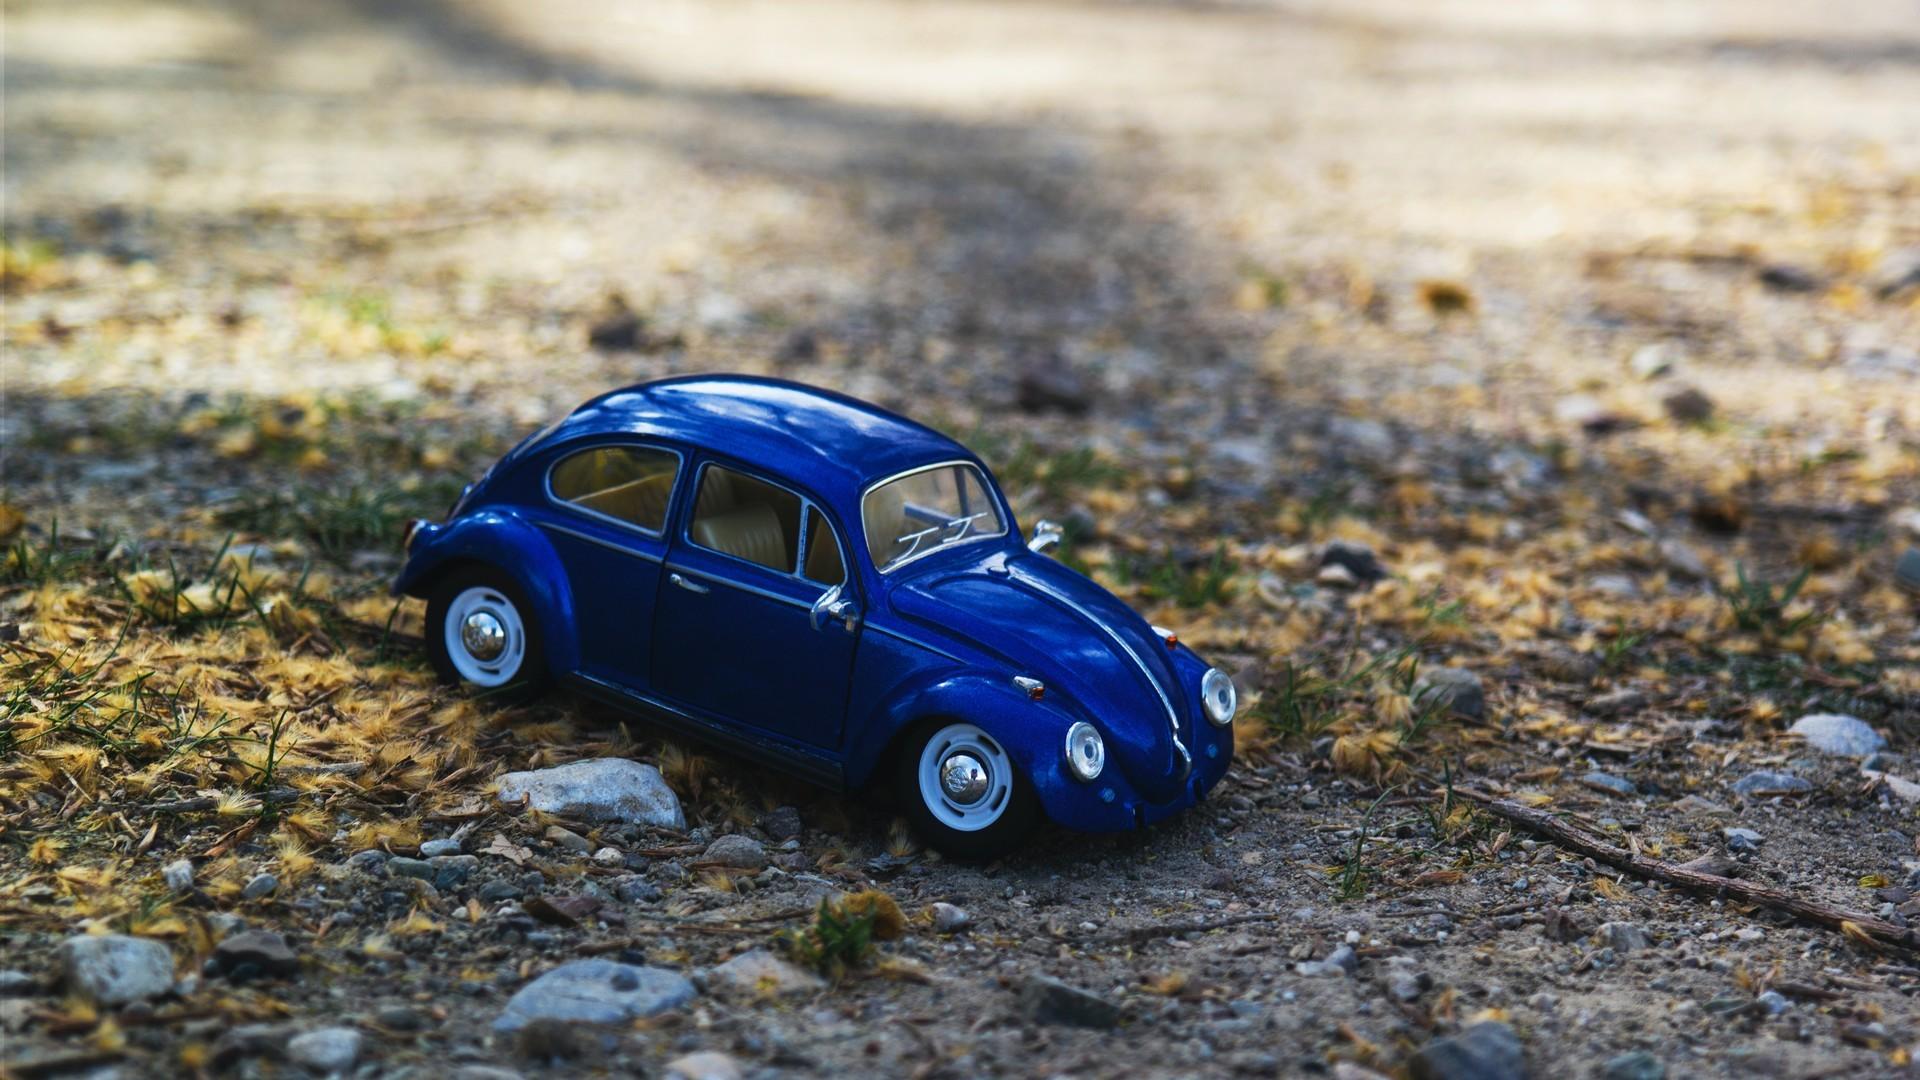 好看精致可爱的小汽车模型图片桌面壁纸